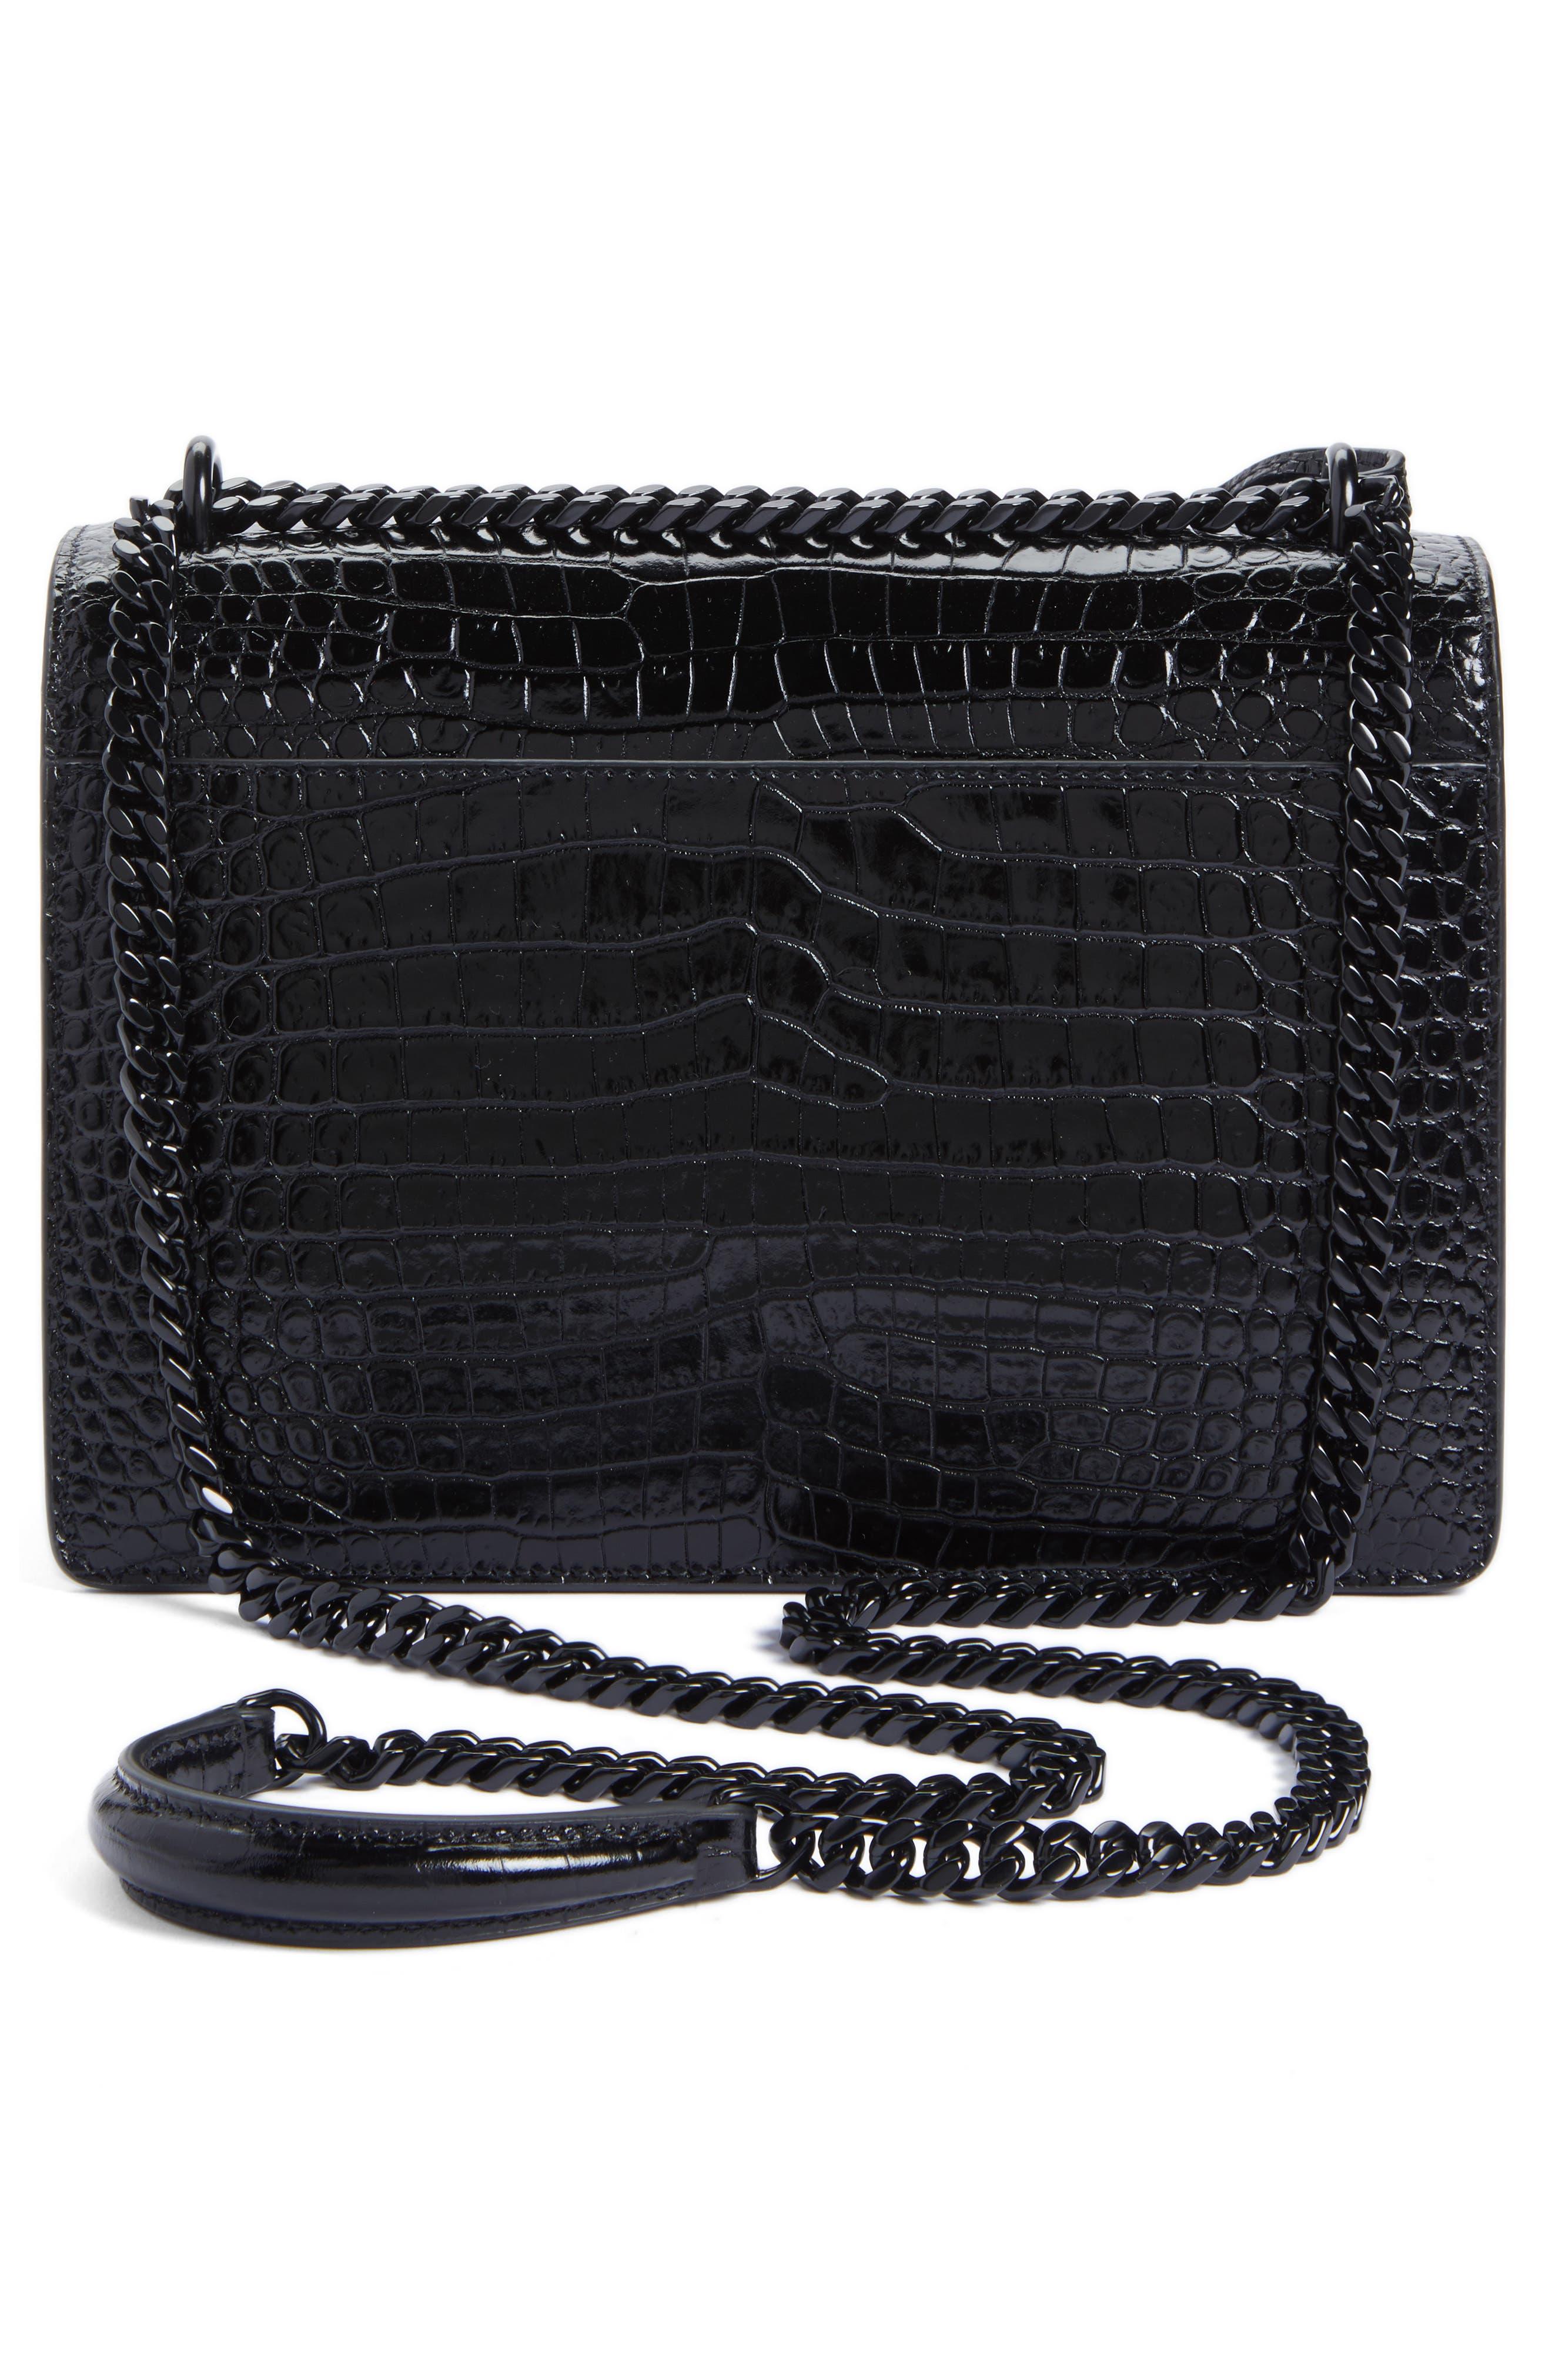 Medium Sunset Croc Embossed Leather Shoulder Bag,                             Alternate thumbnail 3, color,                             001